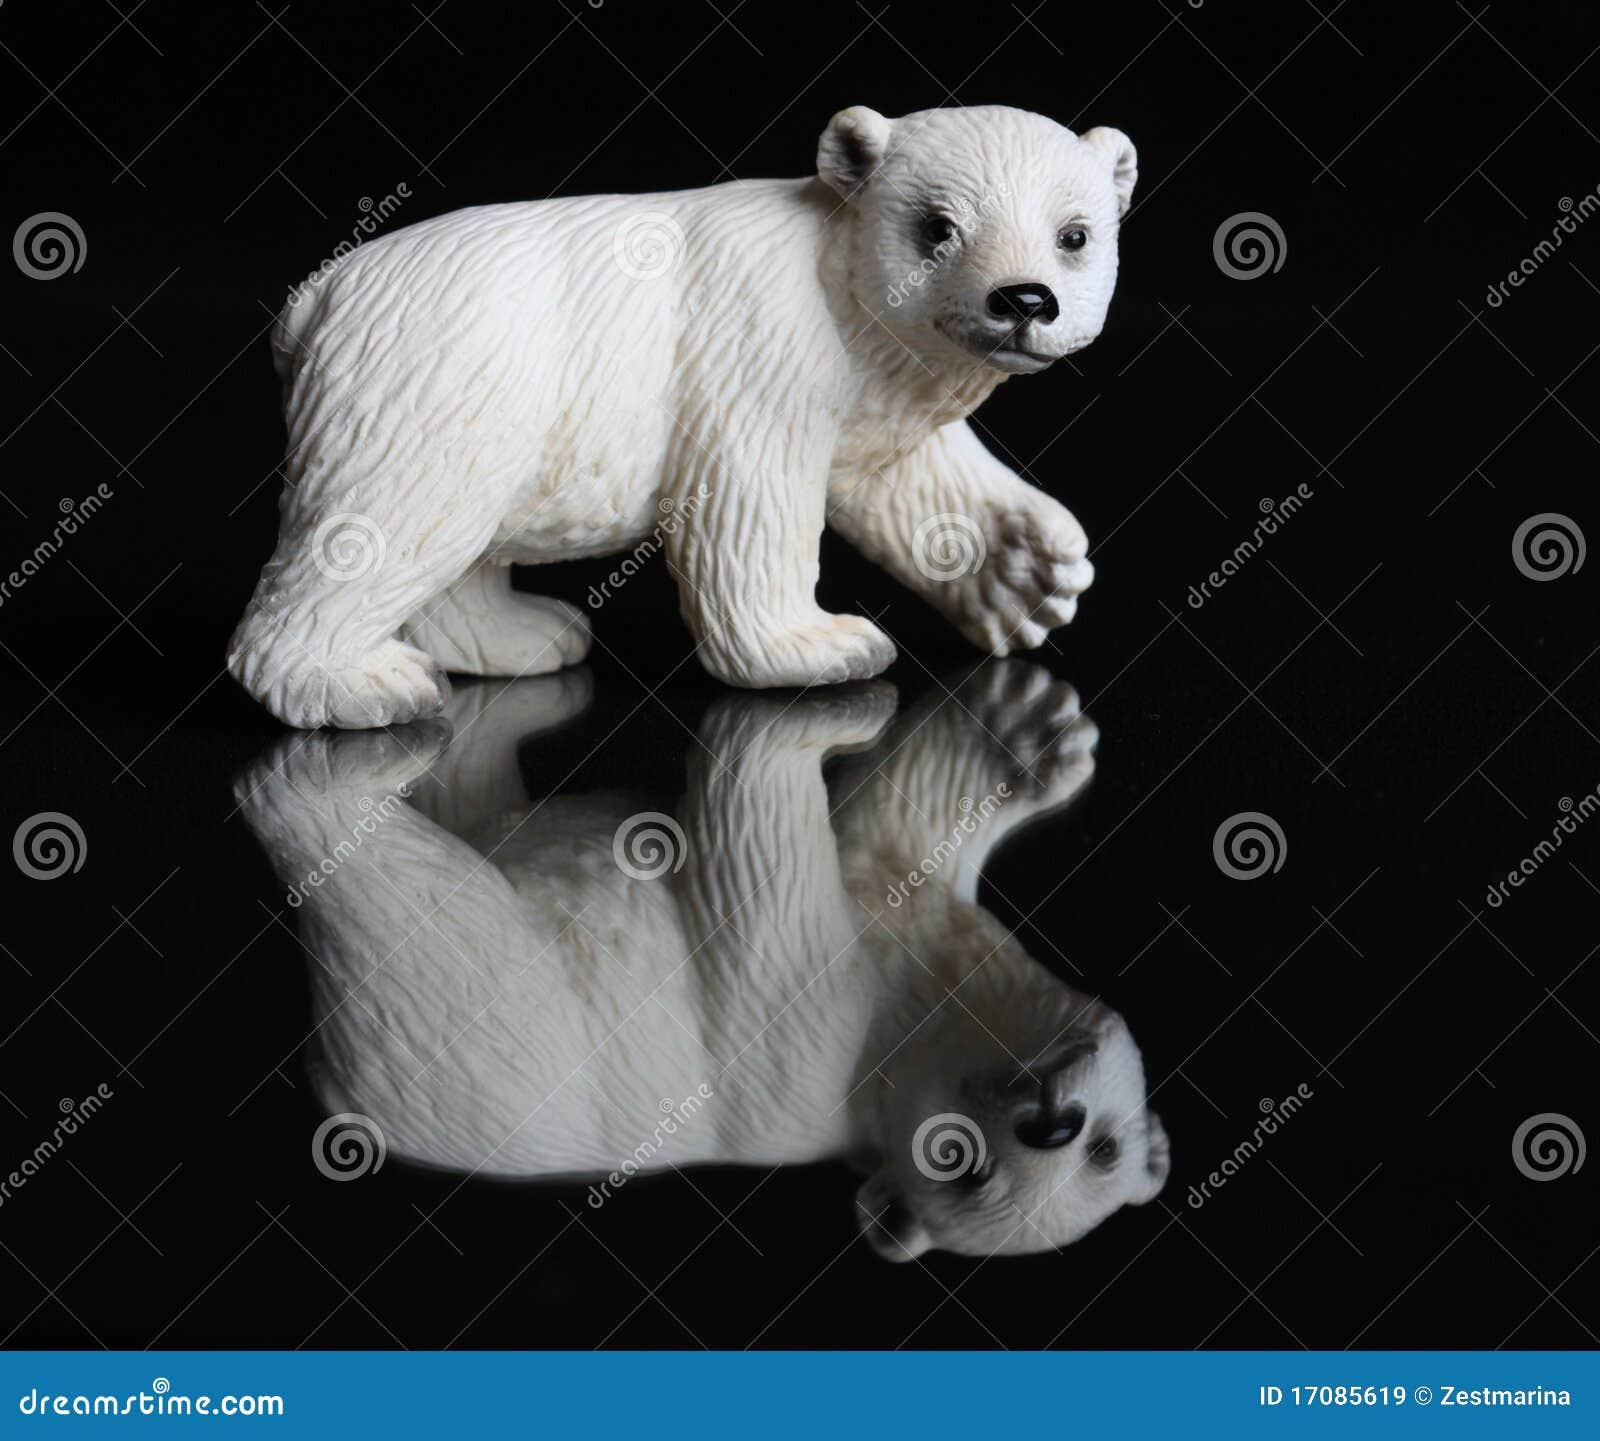 Statuette eines Eisbären